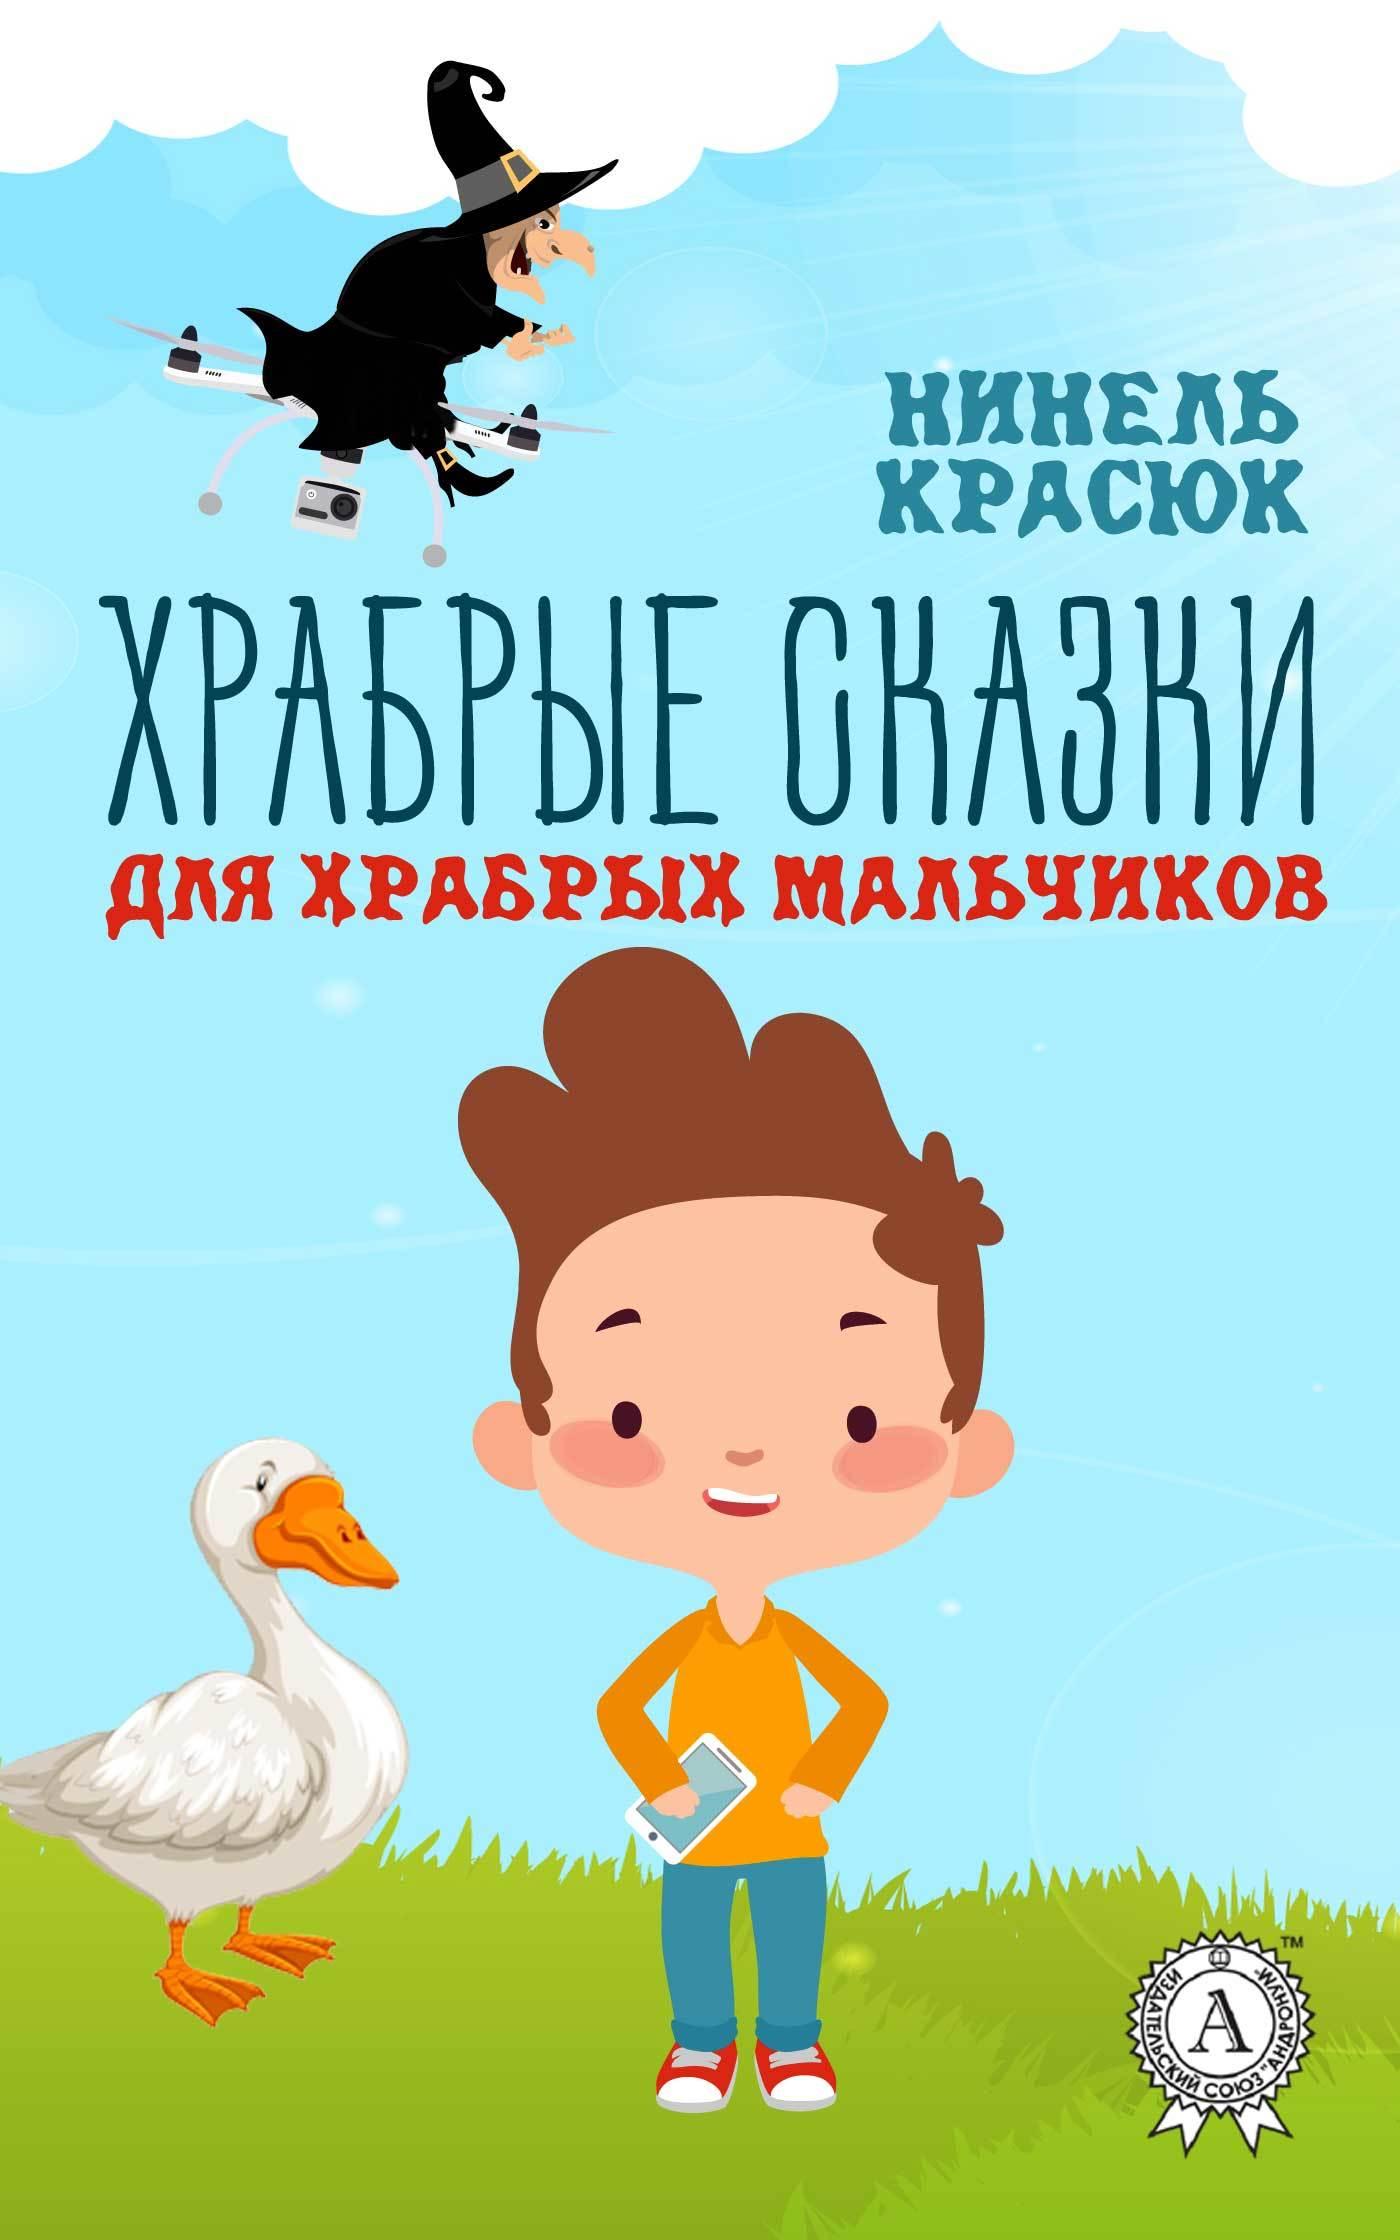 Нинель Красюк - Храбрые сказки для храбрых мальчиков